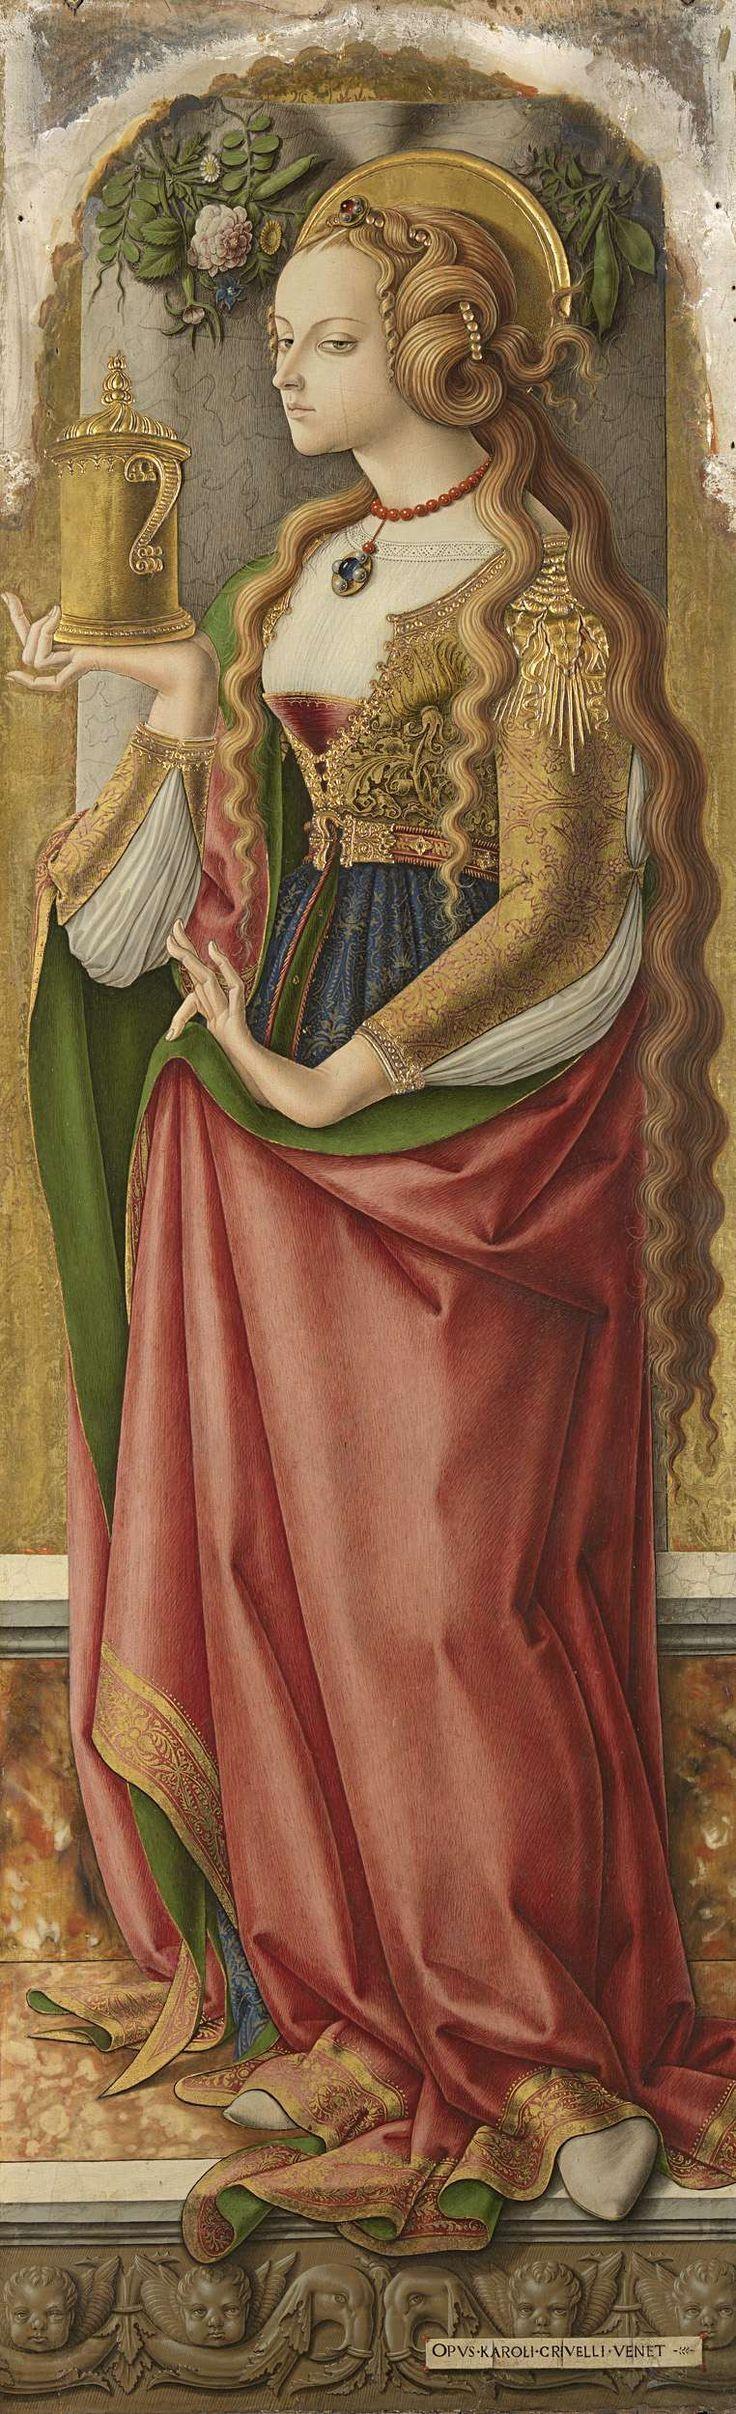 Best 25+ Italian Renaissance Art Ideas On Pinterest | Renaissance With Regard To Italian Renaissance Wall Art (View 5 of 20)